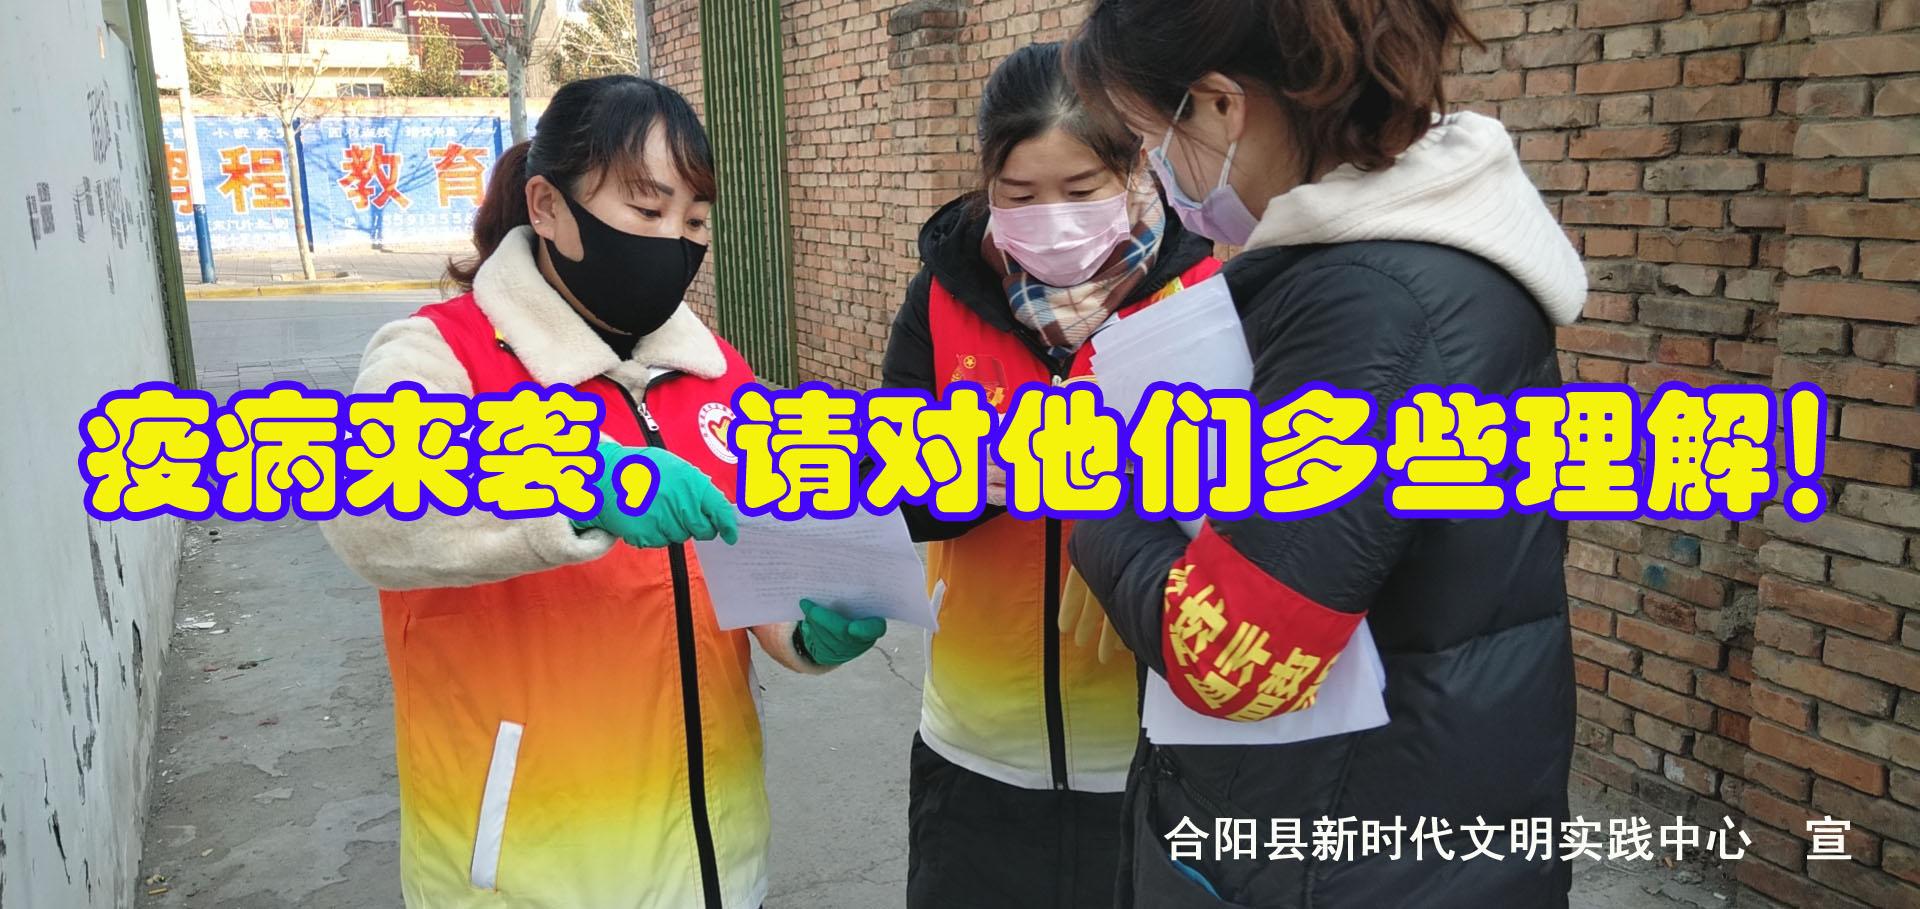 合阳县坊镇渤海社区 召开第三次疫情防控工作安排会